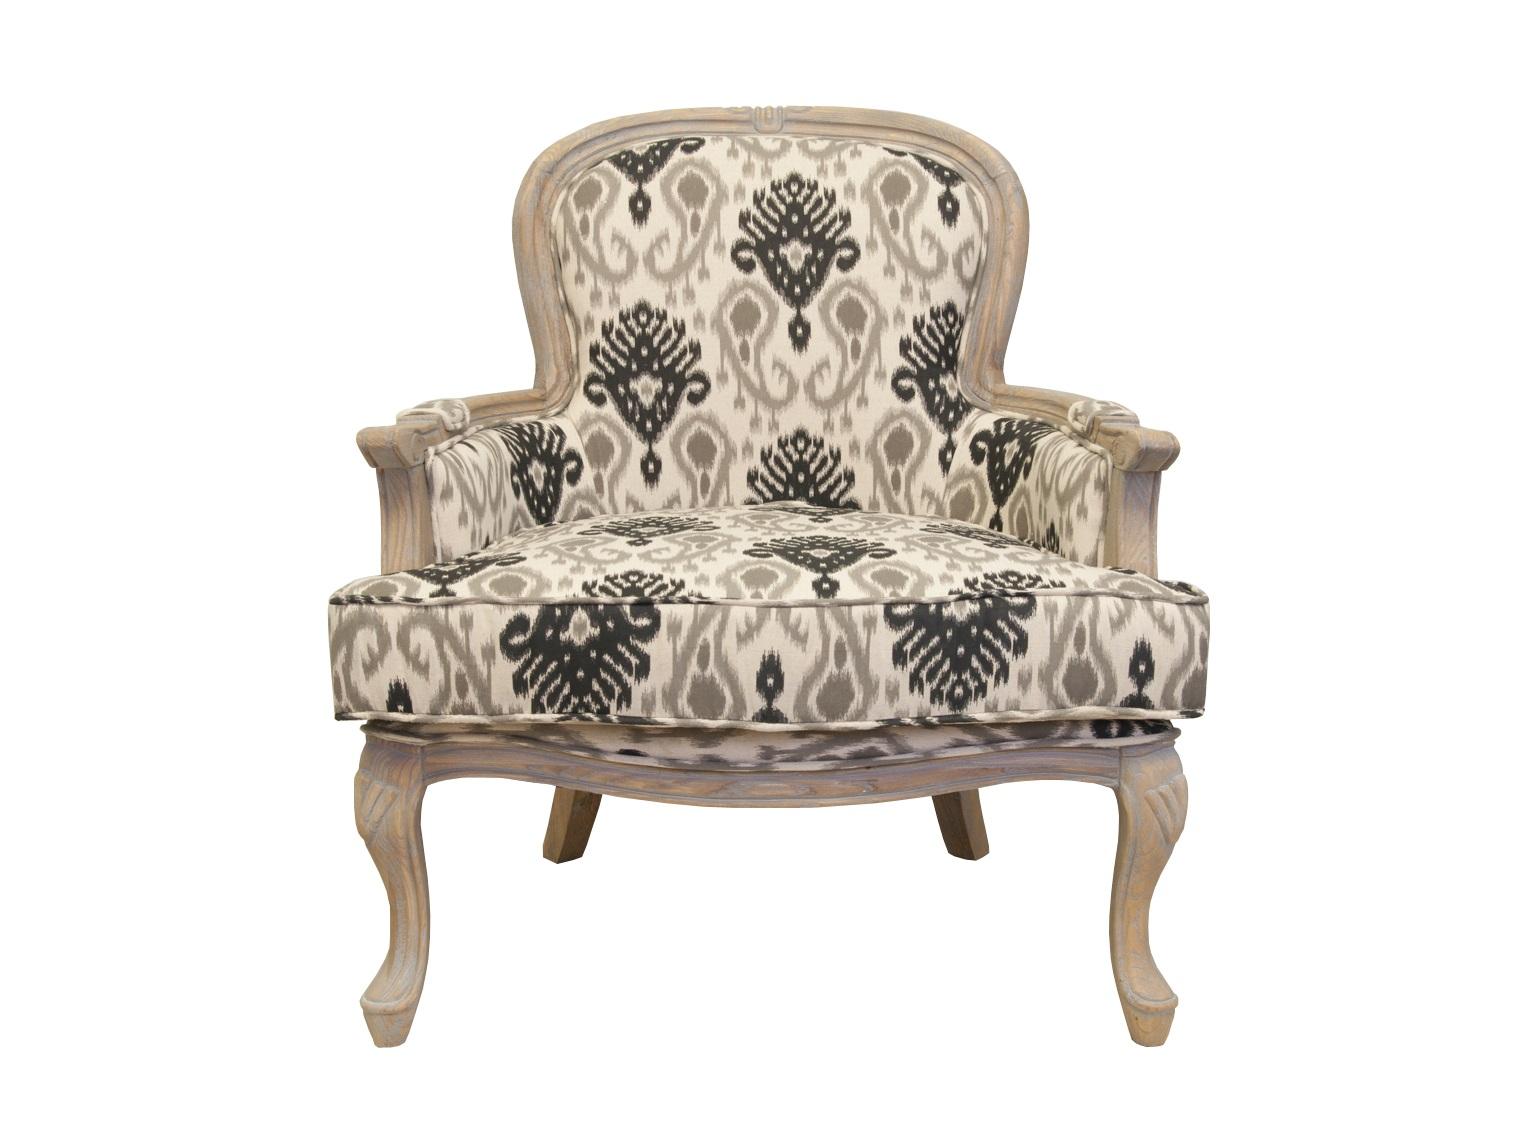 Кресло Diesta colourИнтерьерные кресла<br>Кресло Diesta достойно вашего внимания! У кресла удобная, округлая форма, пышное сидение, плавная линия подлокотников. Несколько таких винтажных кресел составят обстановку зоны отдыха в гостиной. В кабинете оно идеально подойдет для релаксации или приема посетителей, вполне уютно разместится в спальне, либо займет свое место у туалетного столика.&amp;amp;nbsp;<br><br>Material: Лен<br>Ширина см: 81<br>Высота см: 114<br>Глубина см: 76